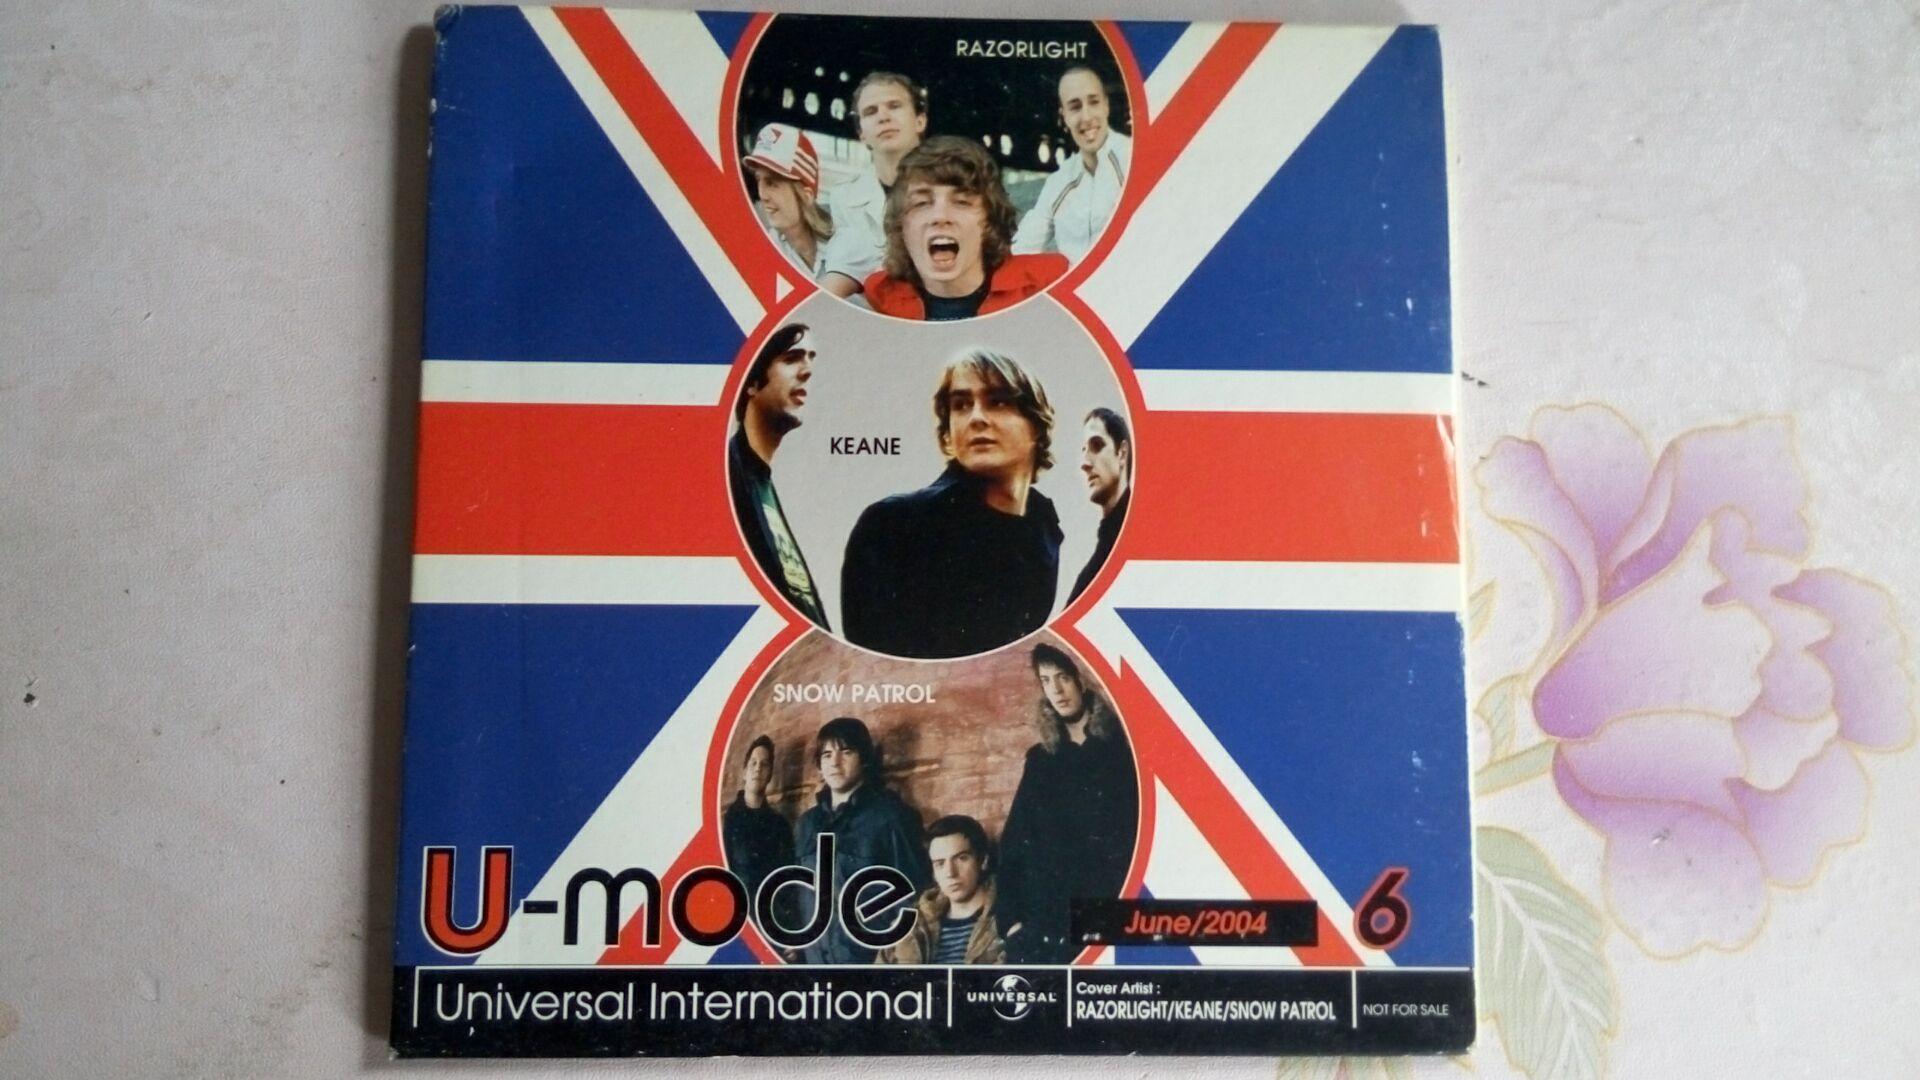 Сорвать печать u-mode universal international пропаганда блюдо